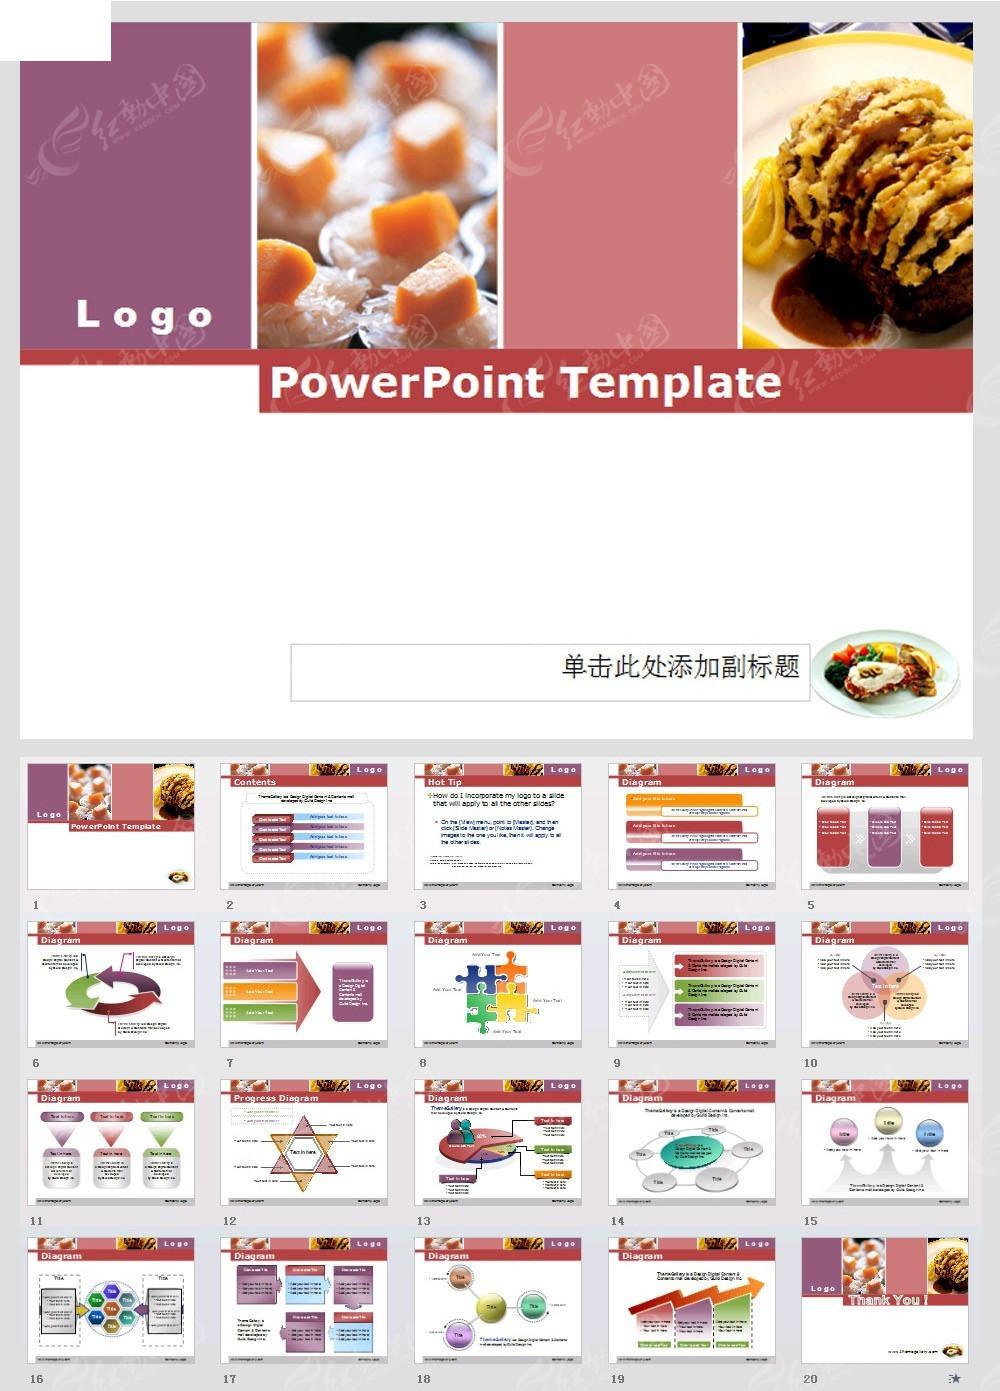 唯美美食ppt模板免费下载 企业商务素材